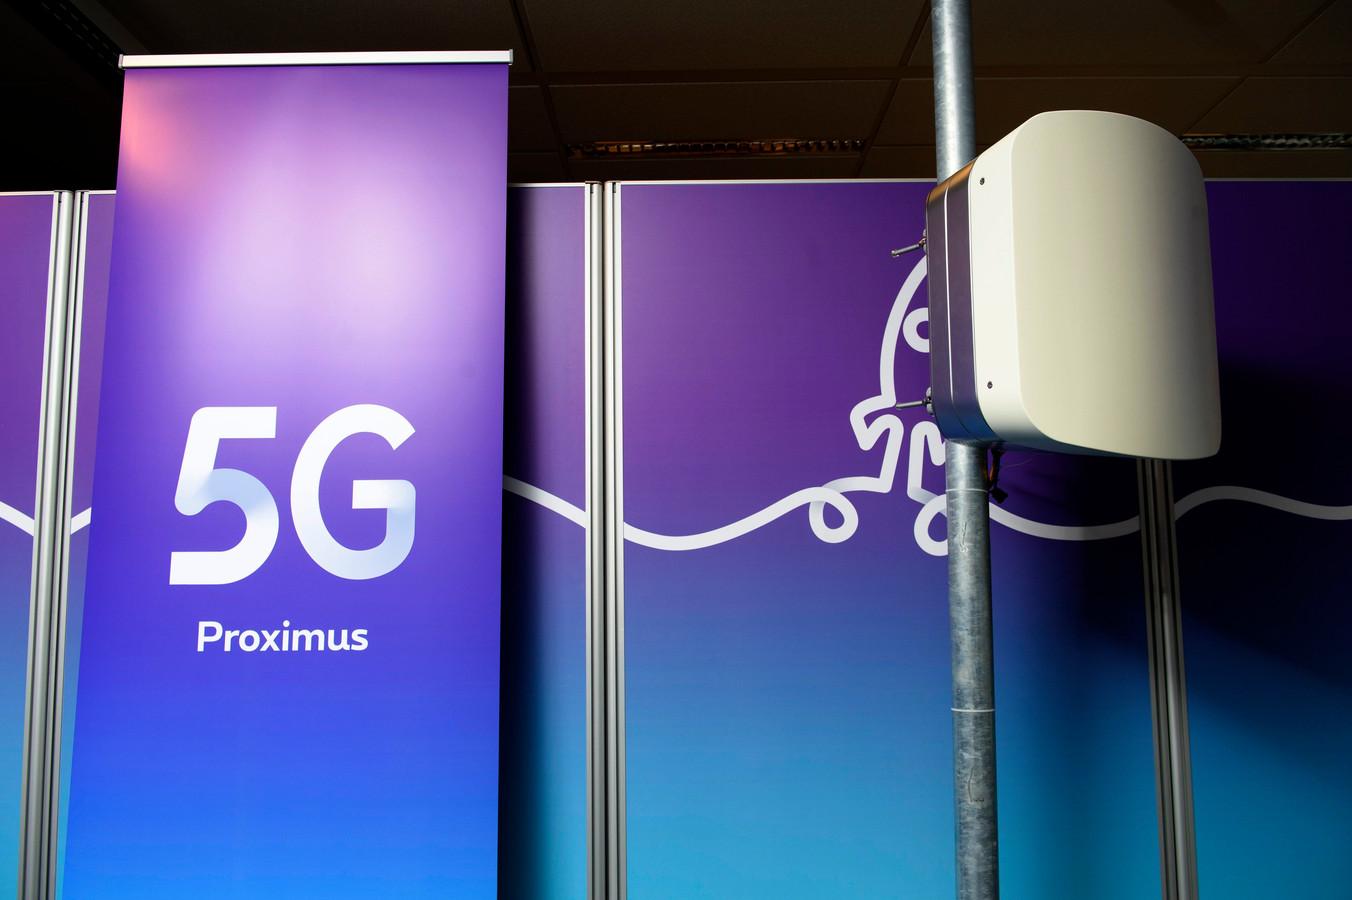 Proximus a activé la technologie 5G à plusieurs endroits près d'Anvers, de Gand et de Haasrode.